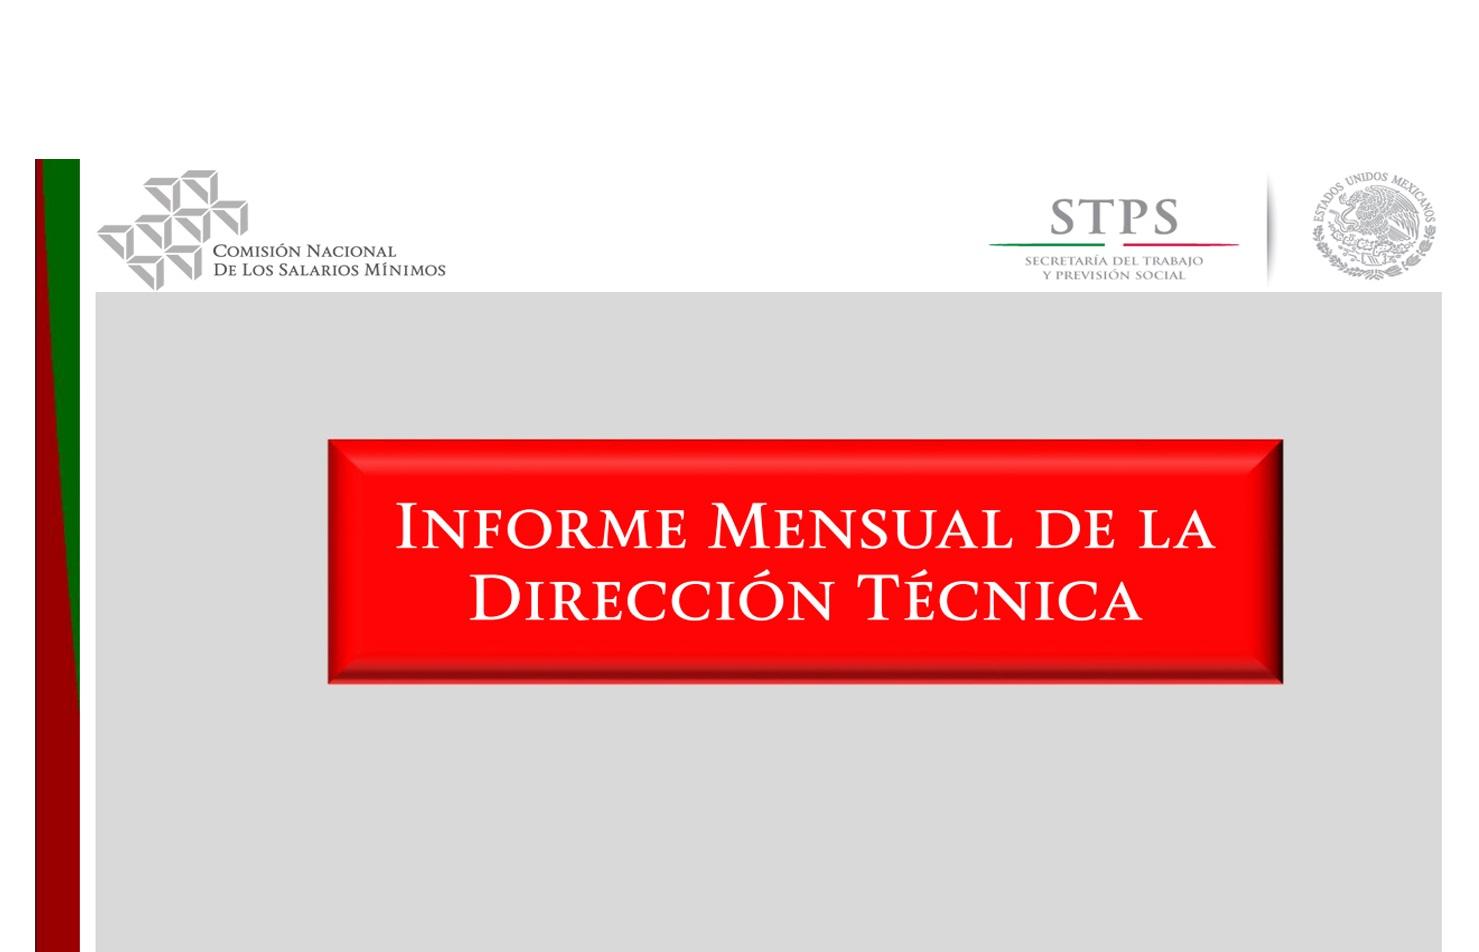 Portada de Informe Mensual de la Dirección Técnica 2018